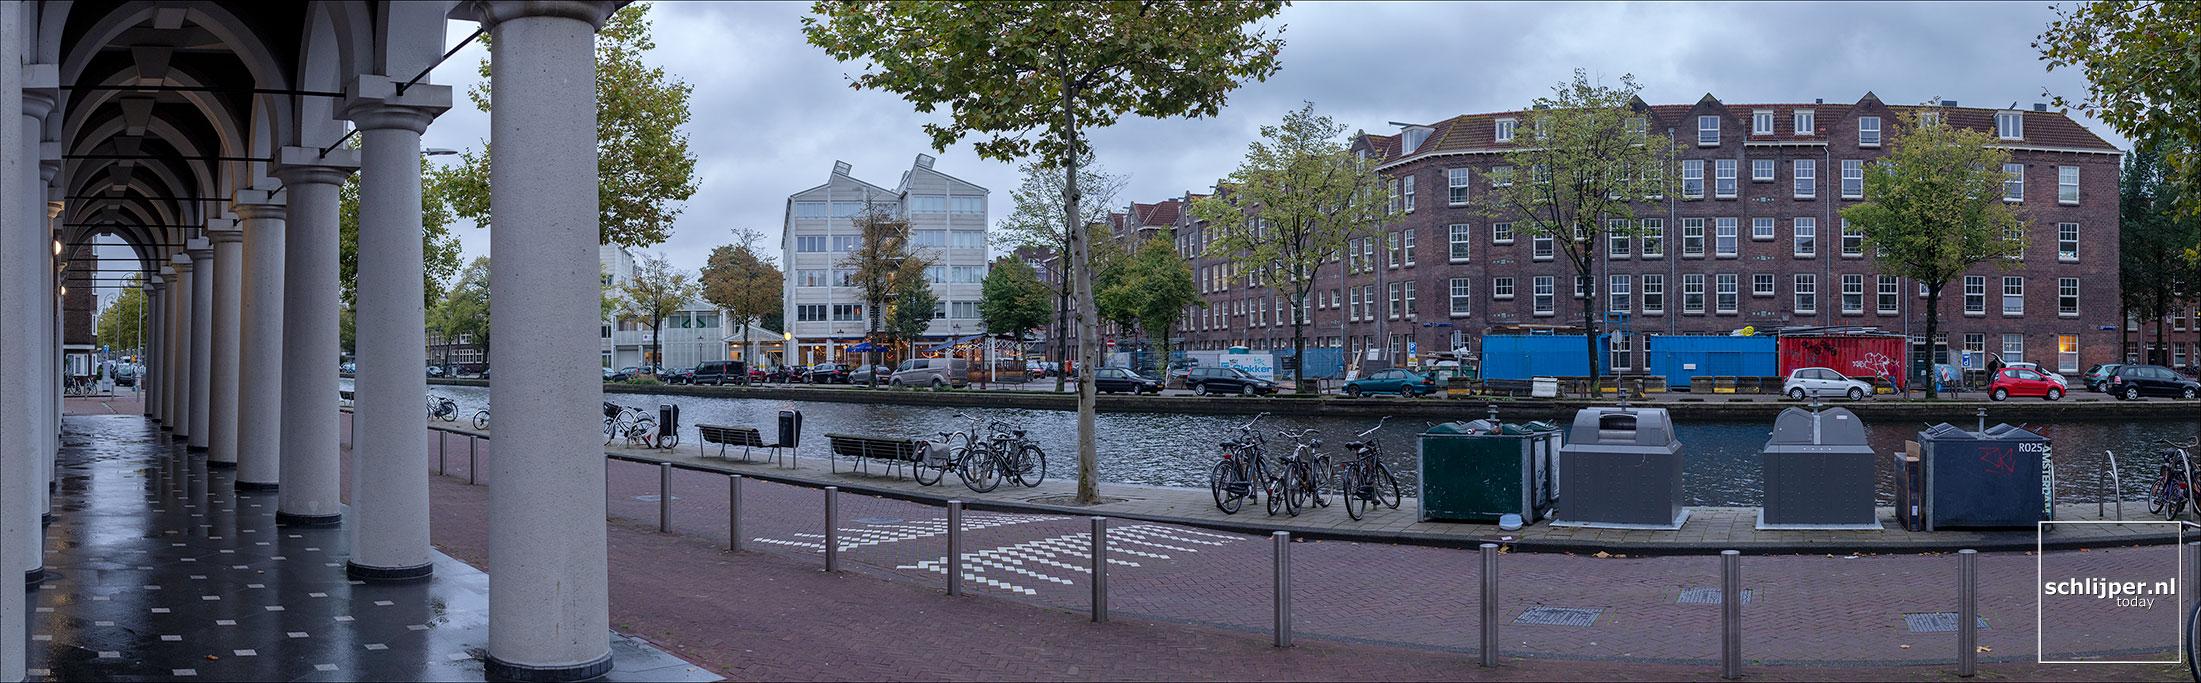 Nederland, Amsterdam, 29 september 2019